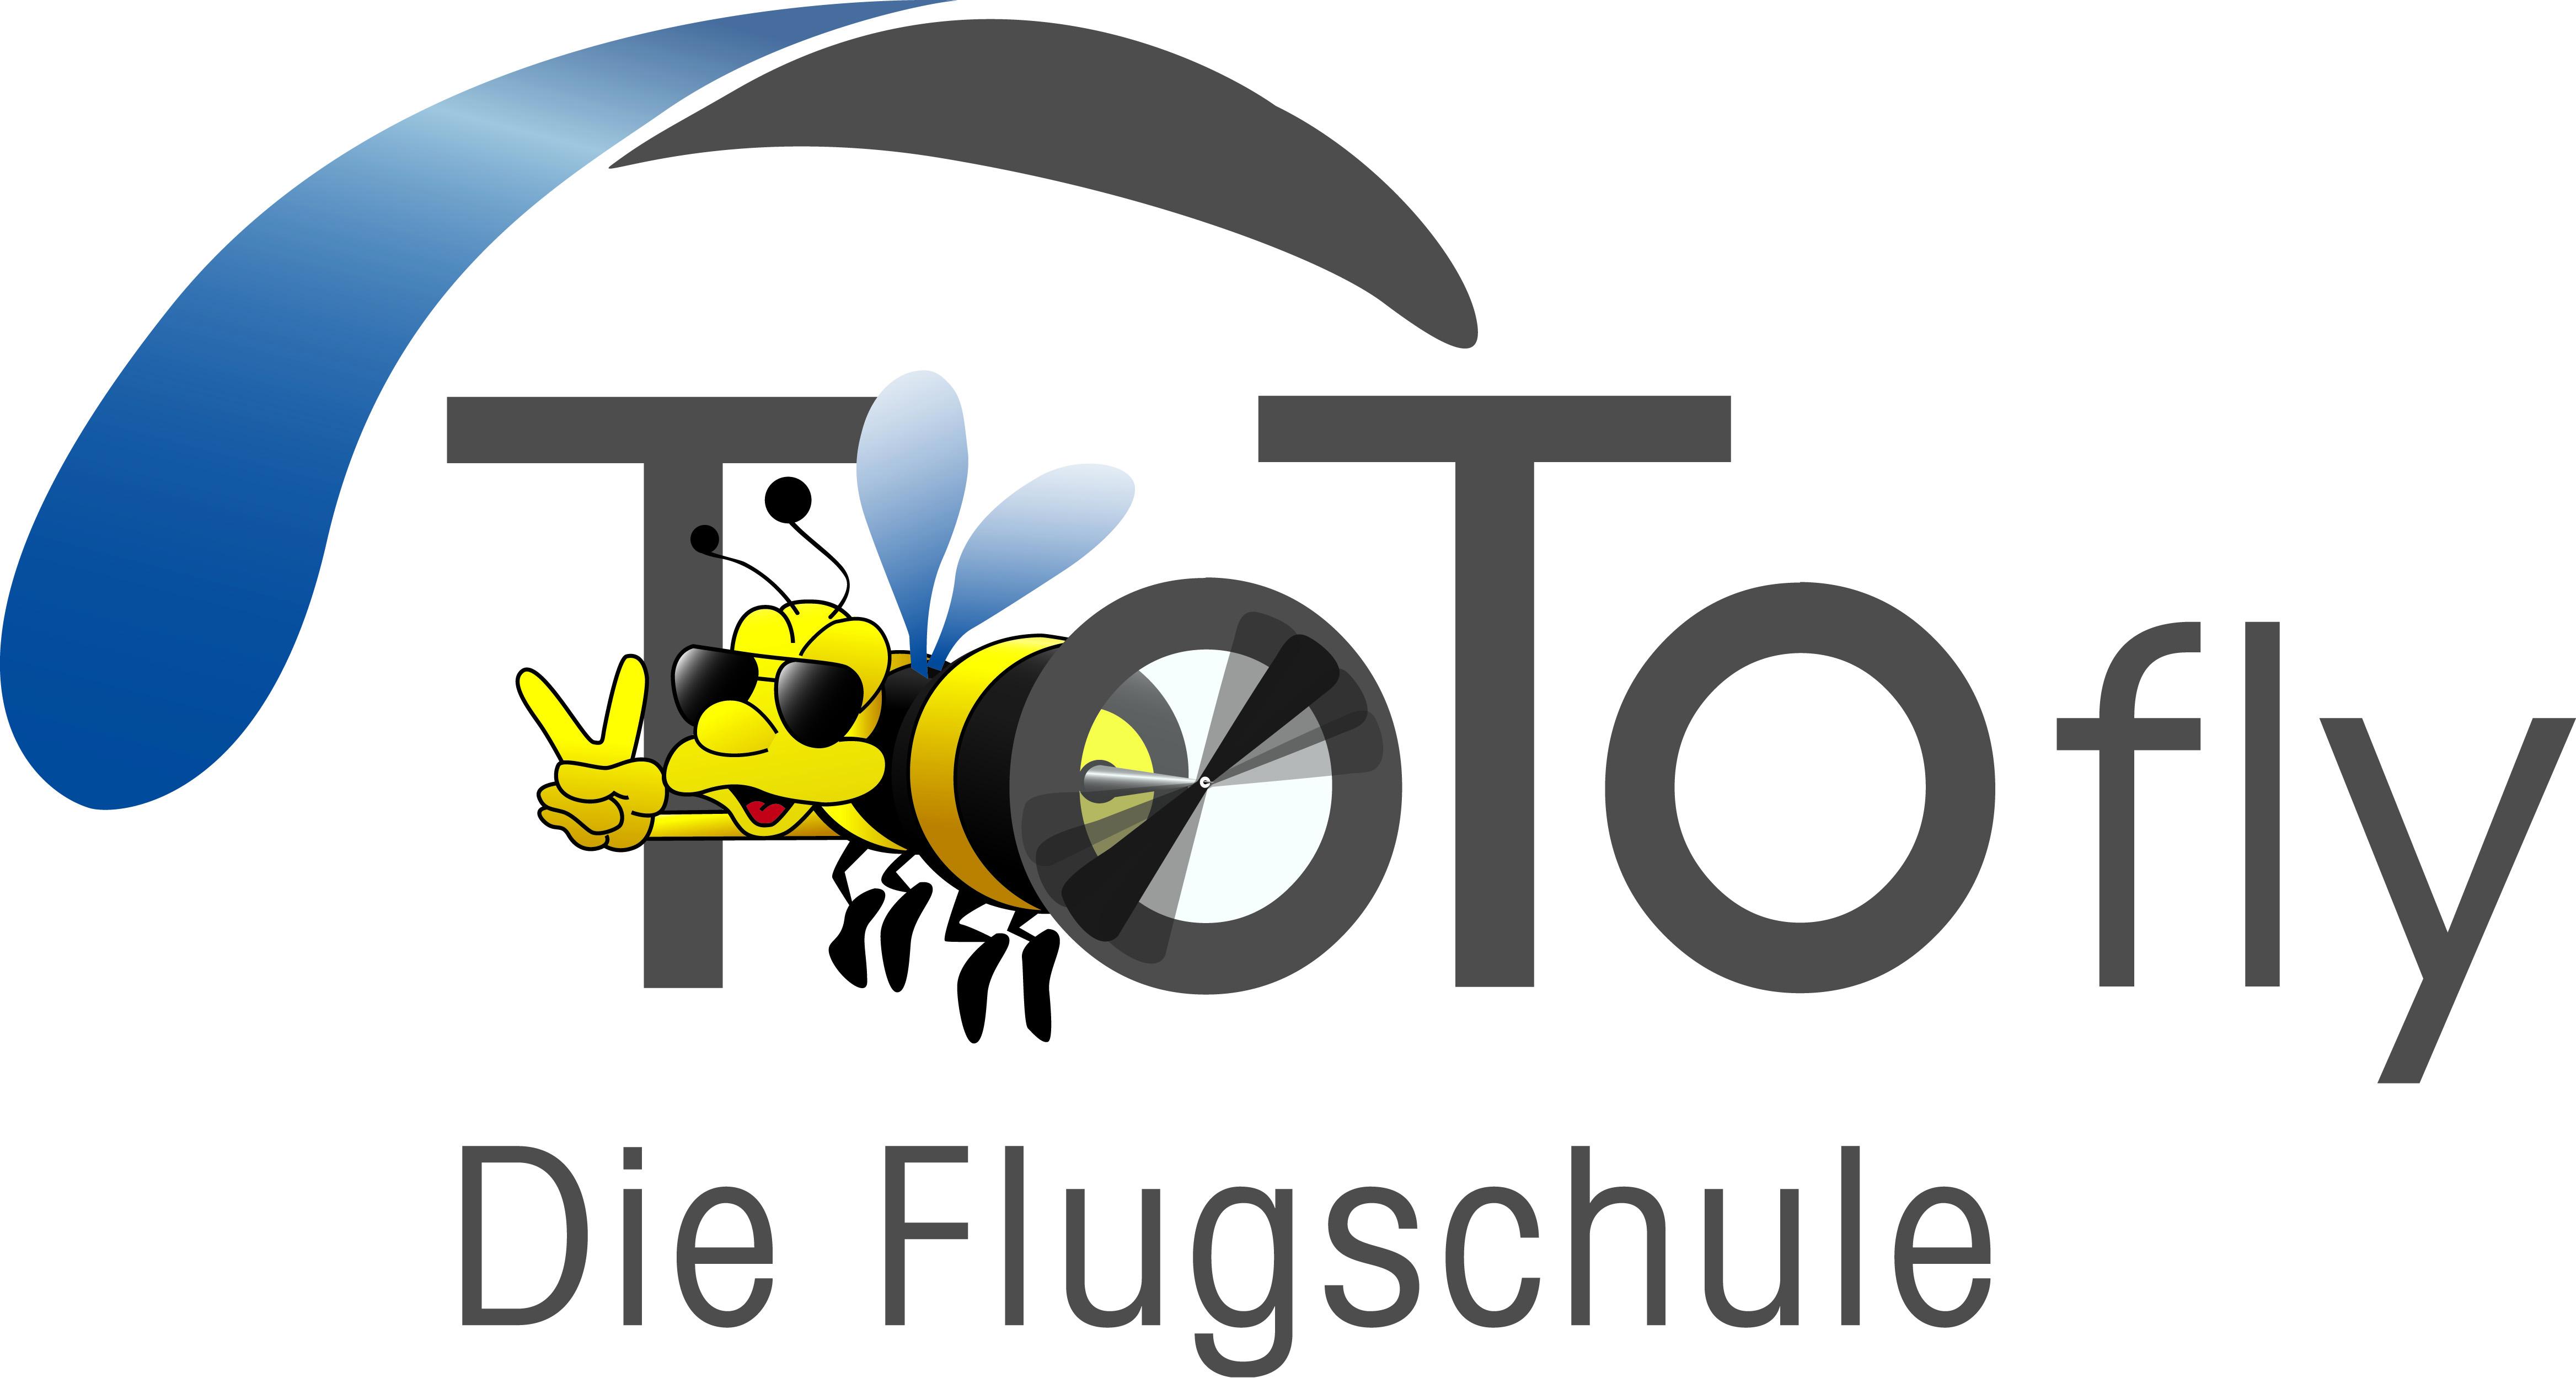 Totofly UG haftungsbeschrankt